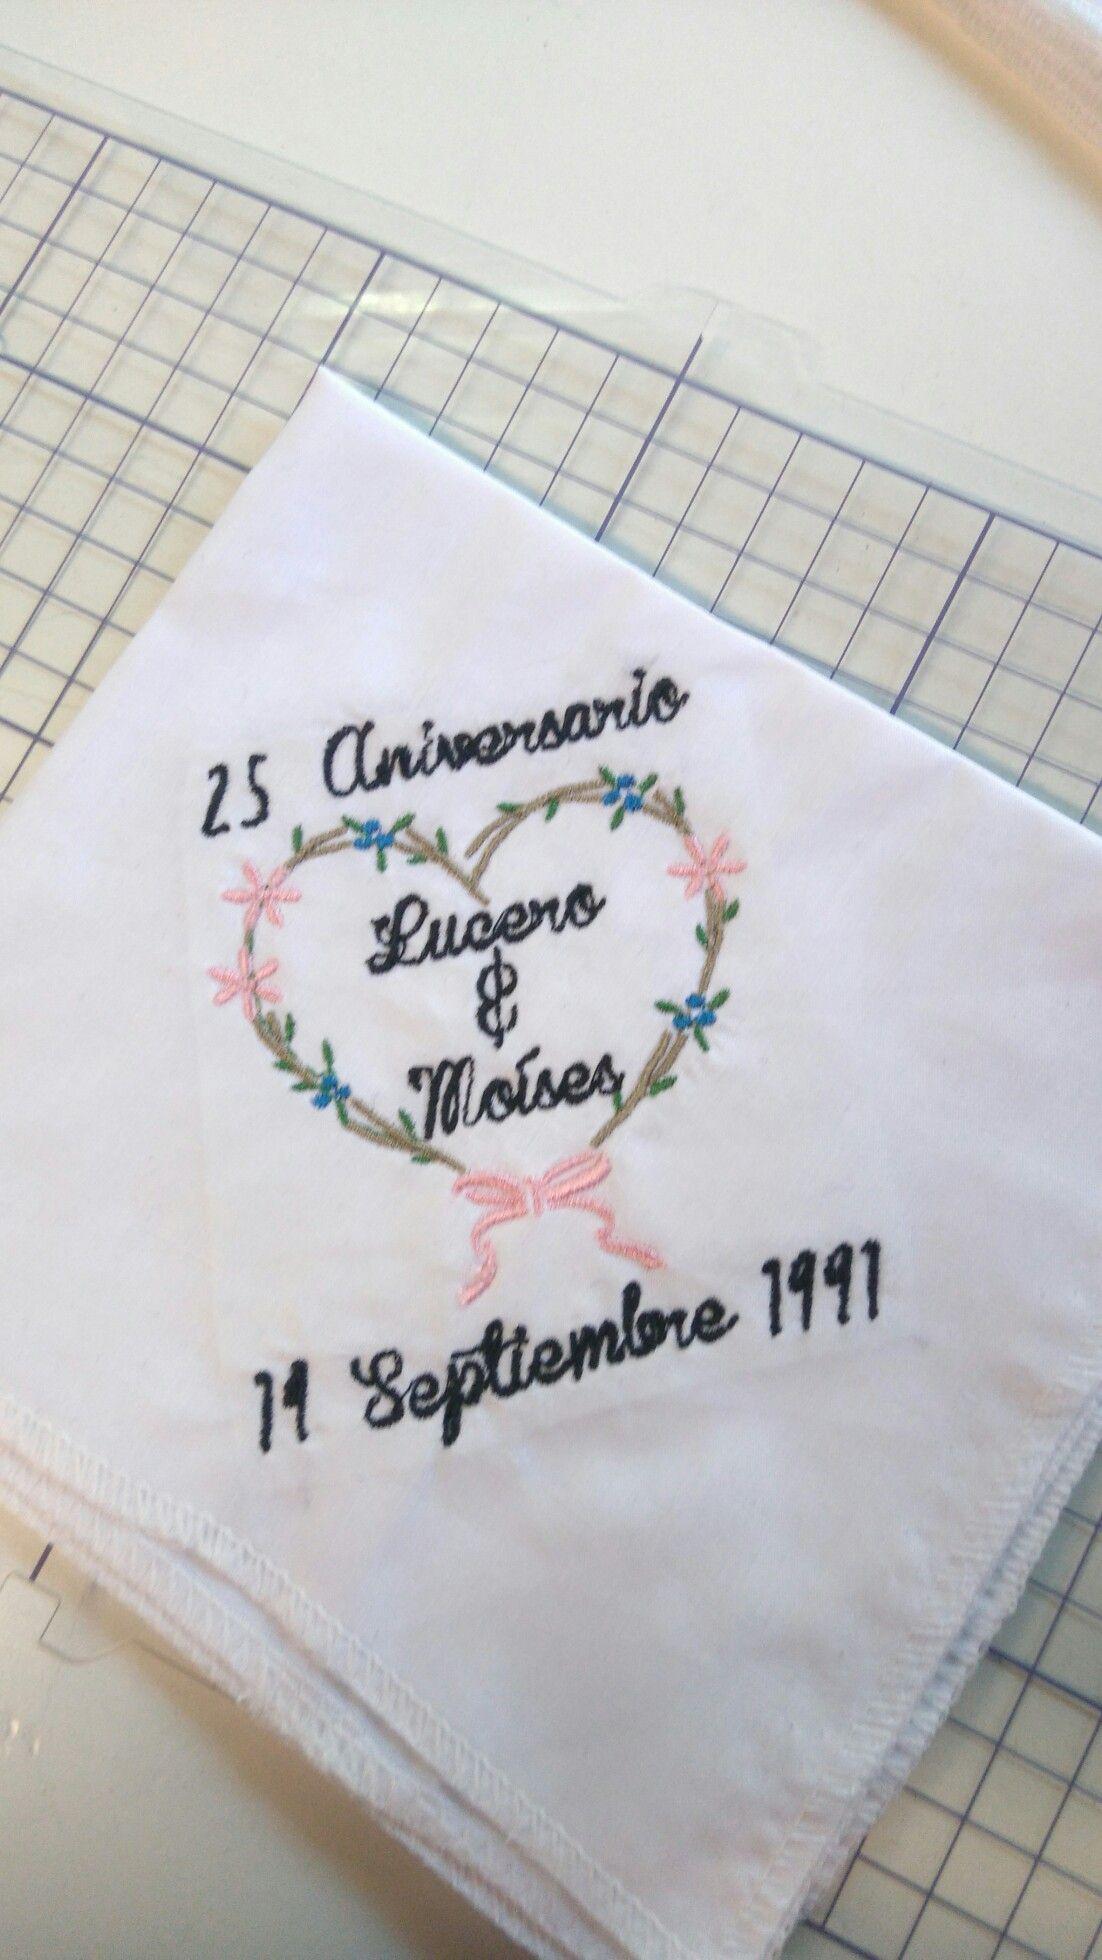 Servilletas bordadas para boda | Mis bordados | Boda, Postres boda y ...